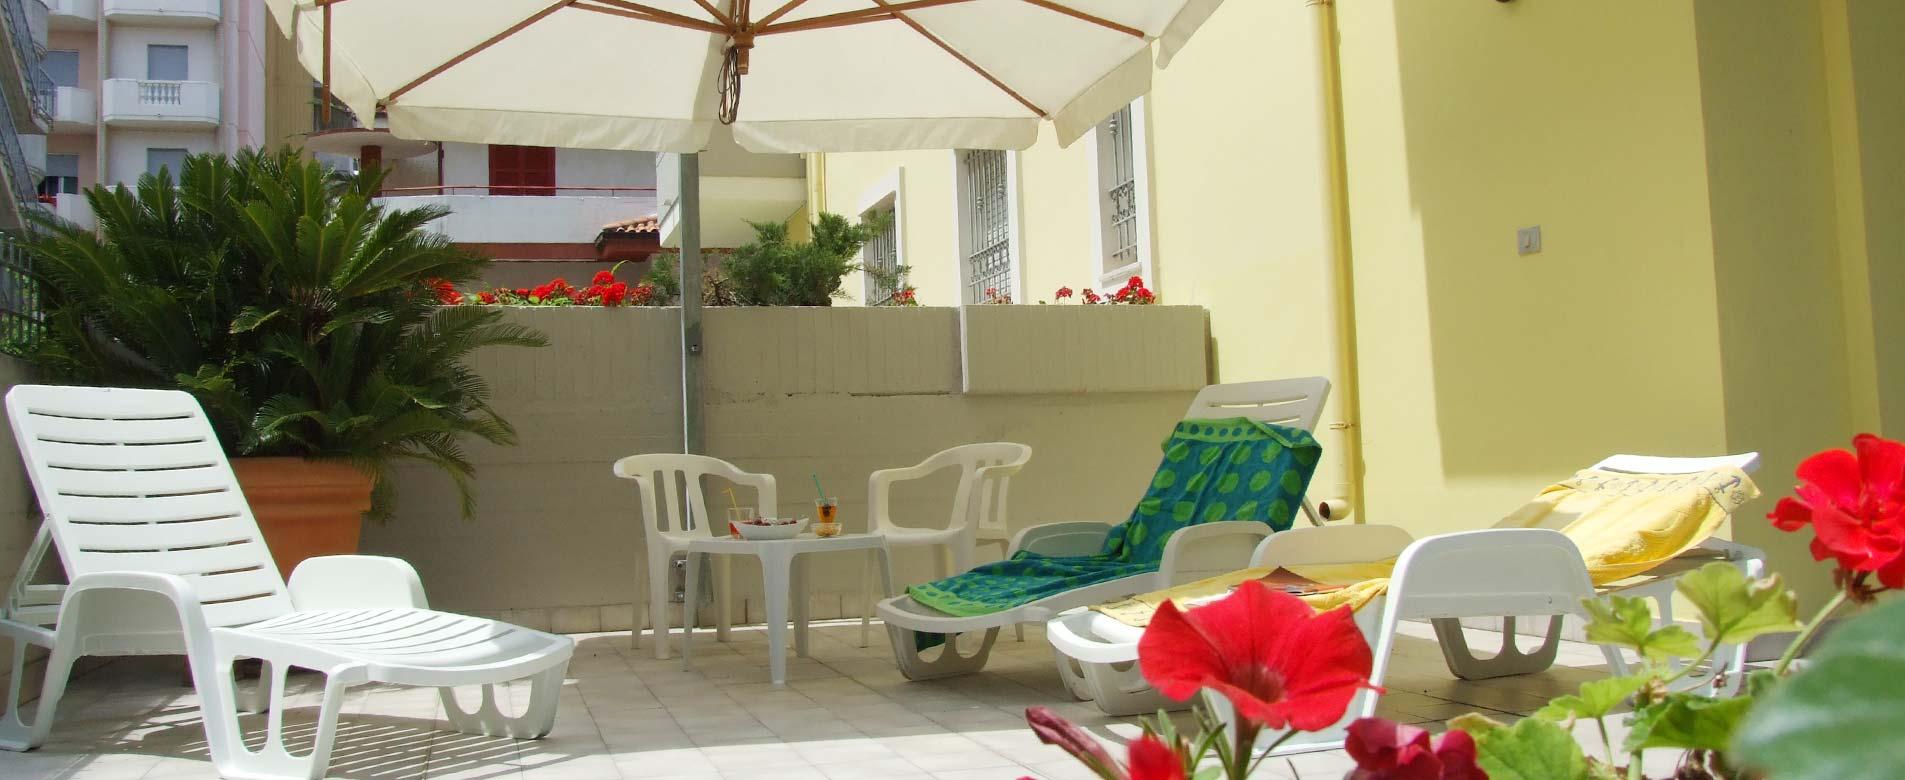 offerte e last minute affitto case ed appartamenti ad alba adriatica